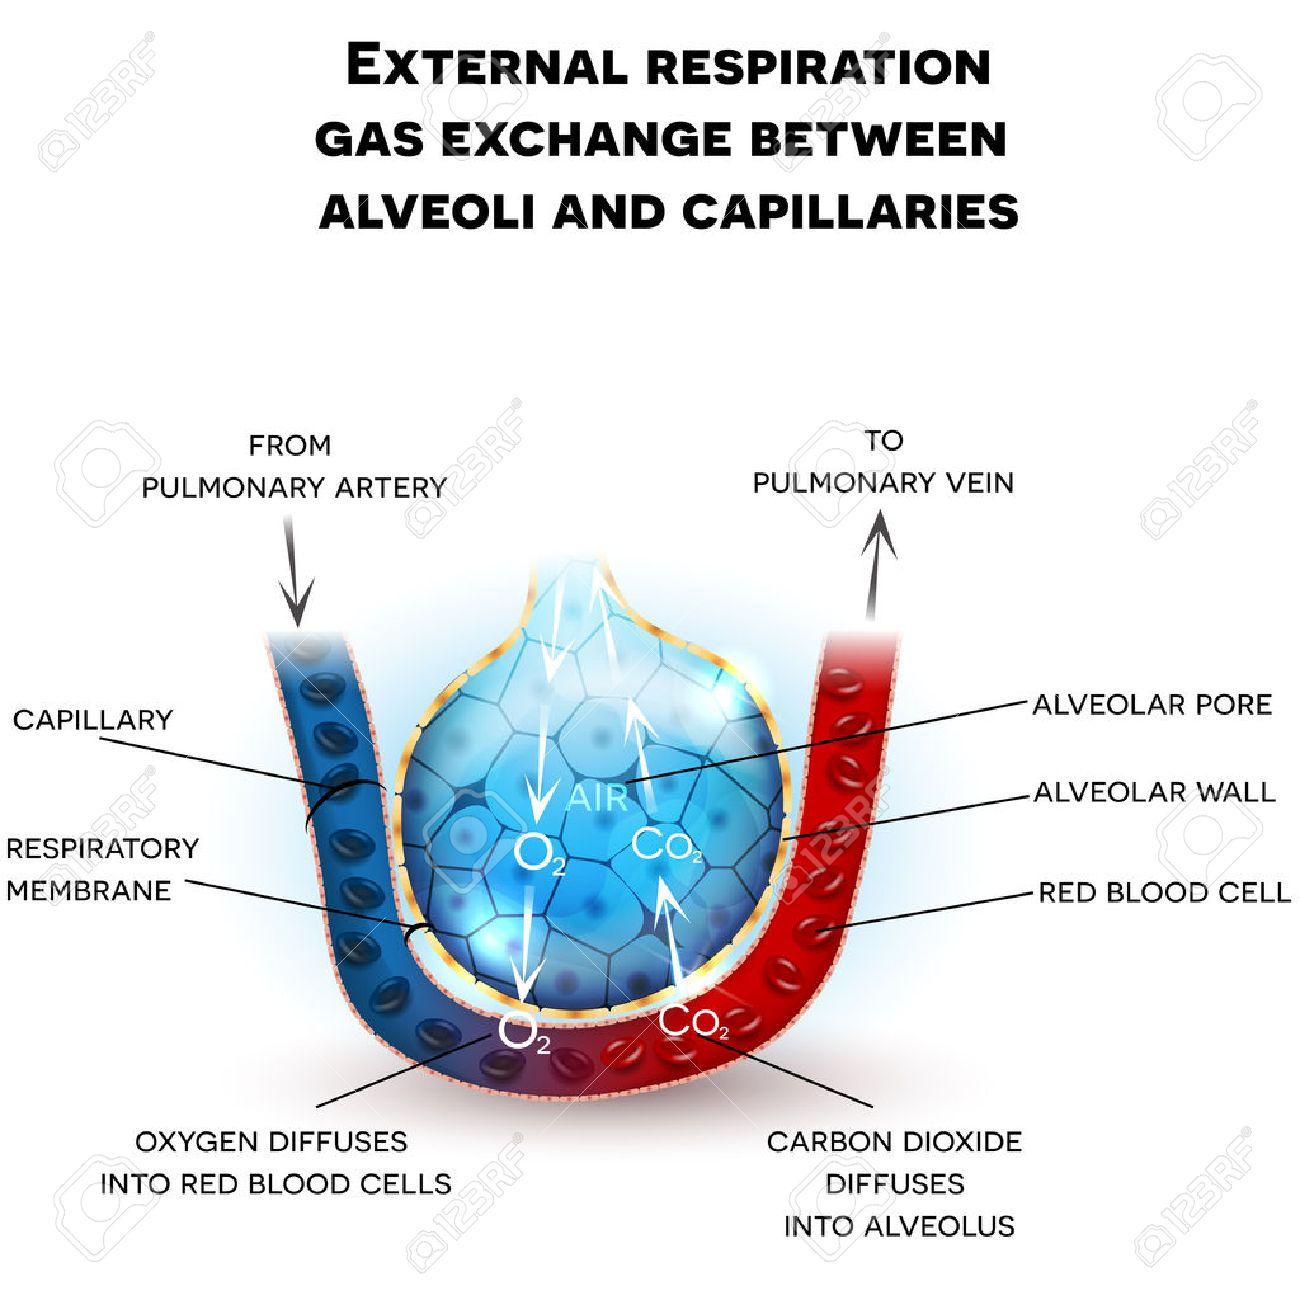 Anatomía Alvéolos, El Intercambio De Gases Respiración Externa Entre ...